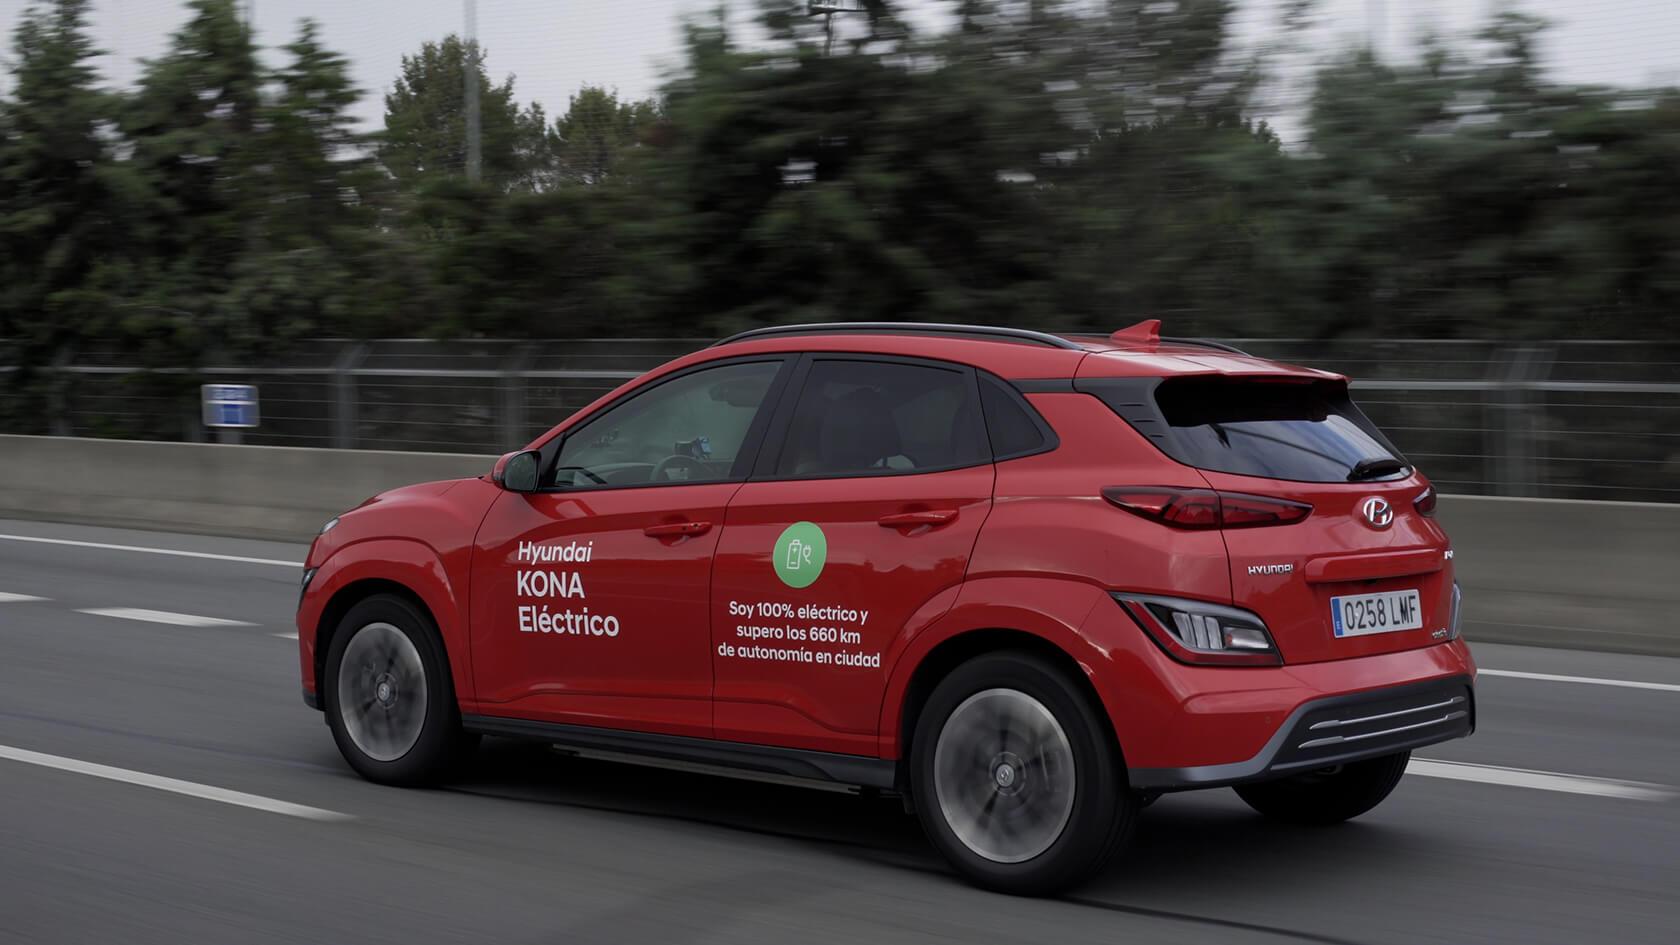 KONA eléctrico bate un nuevo récord en autonomía en ciclo urbano